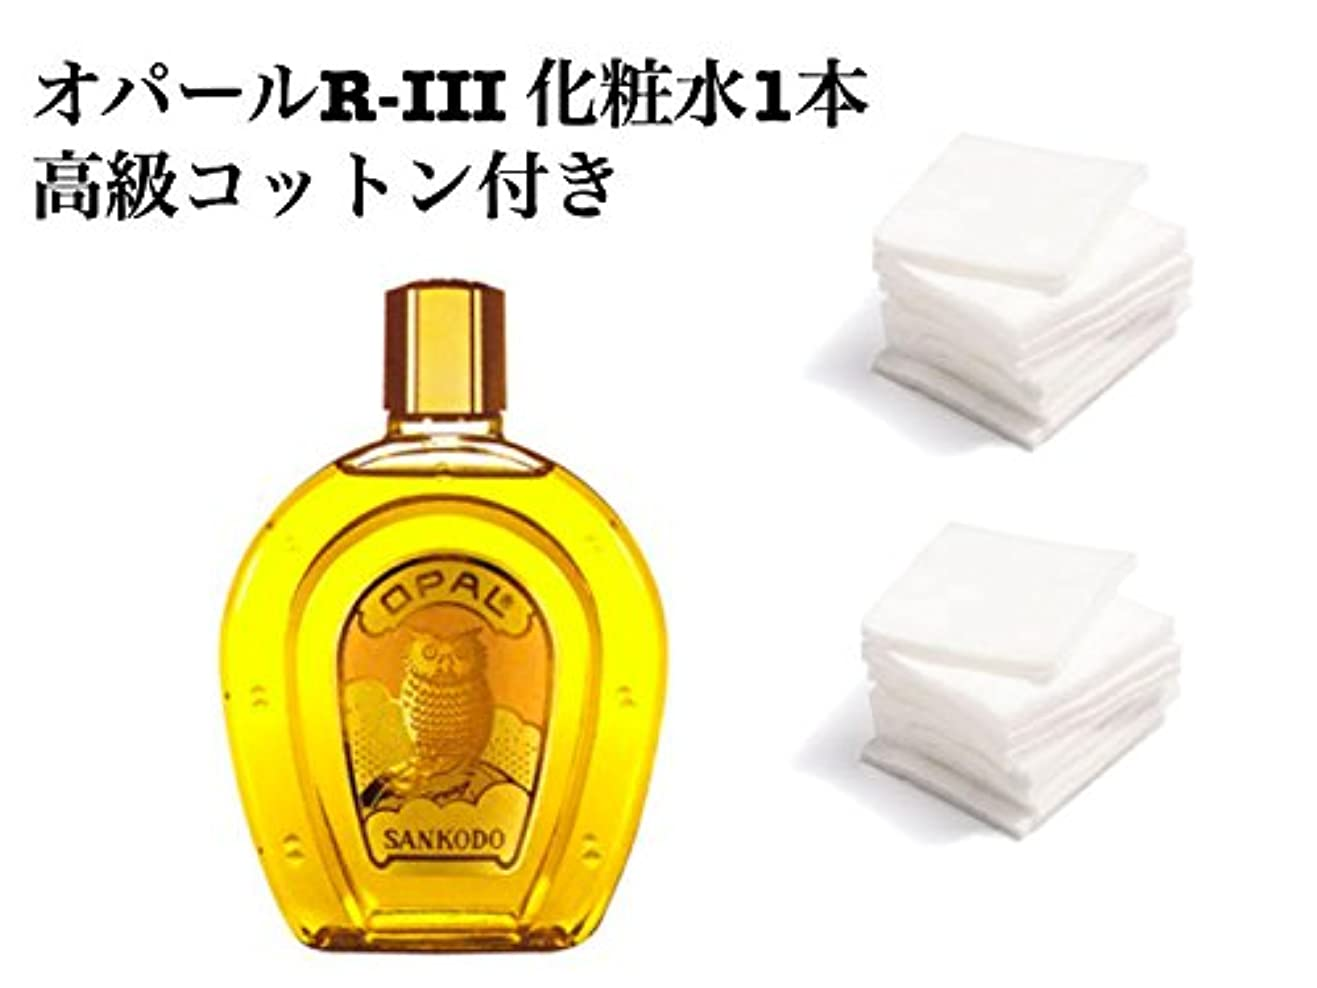 マグケープ軍隊【オパール化粧品】薬用オパール_R-Ⅲ (240ml & コットンセット)